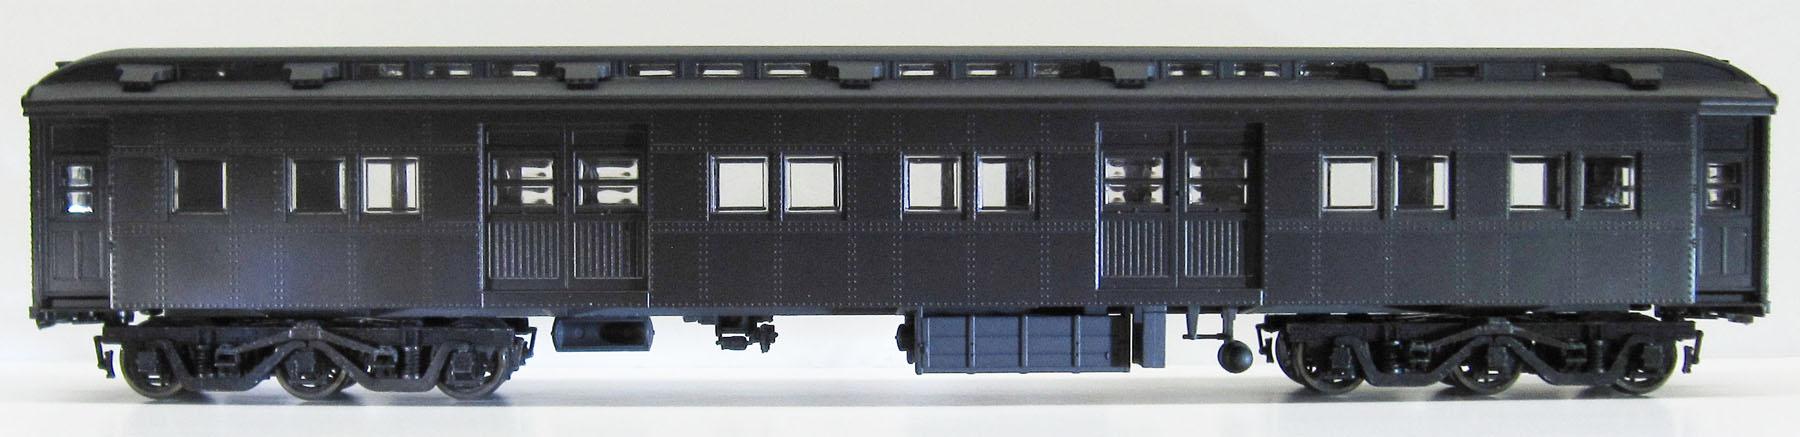 マニ36700(カニ39550タイプ)